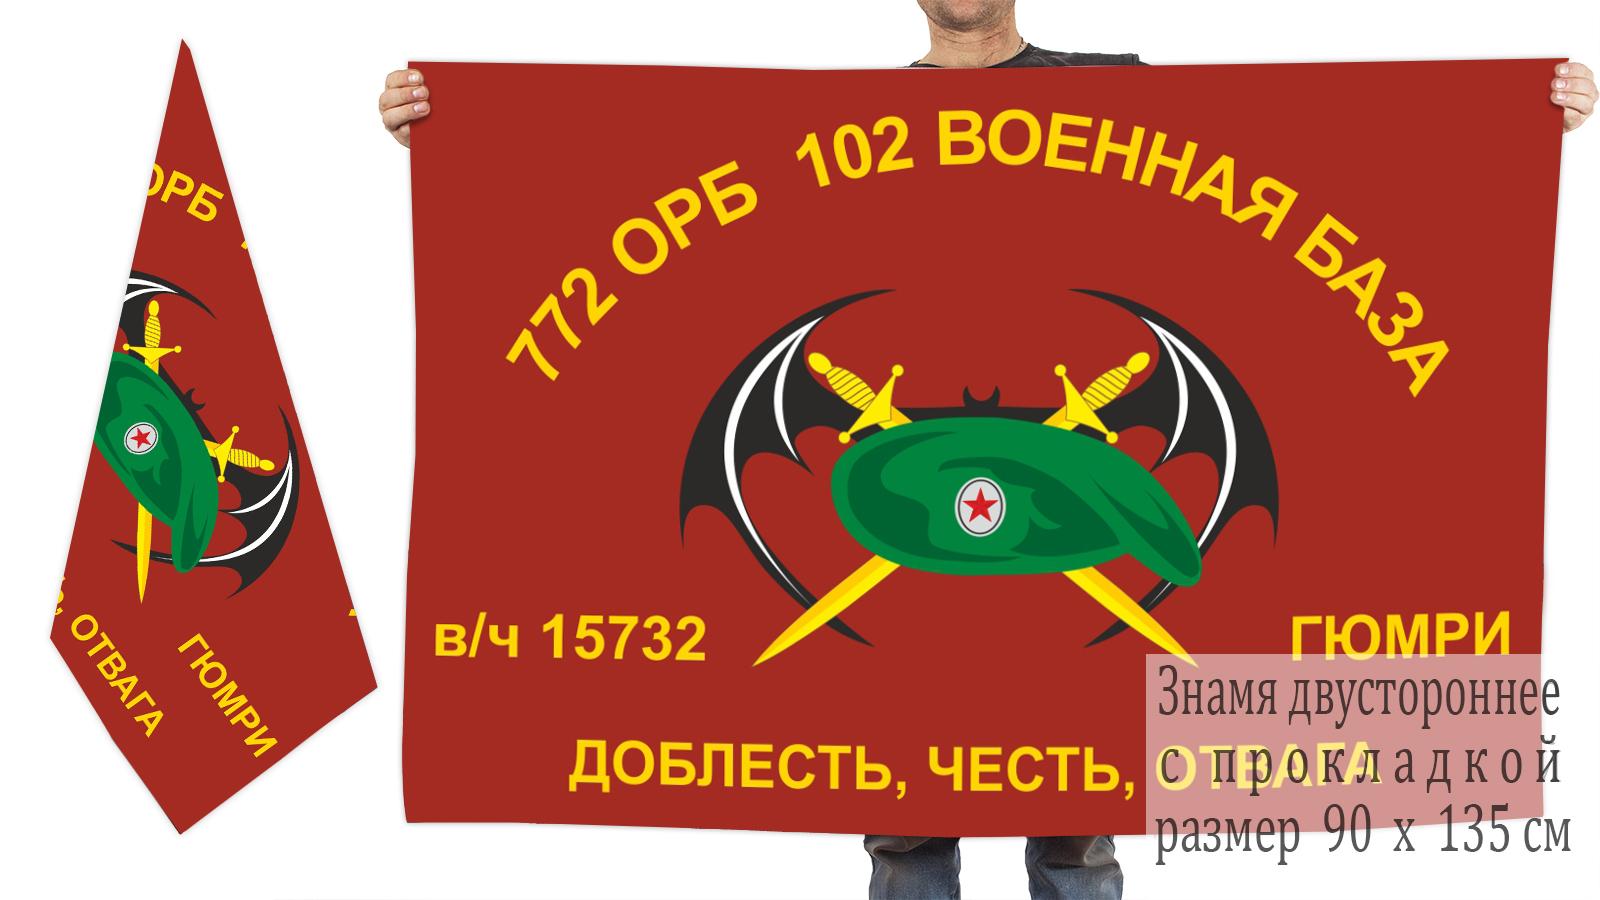 Большой флаг 772 ОРБ 102 Военная база, в/ч 15732 Гюмри